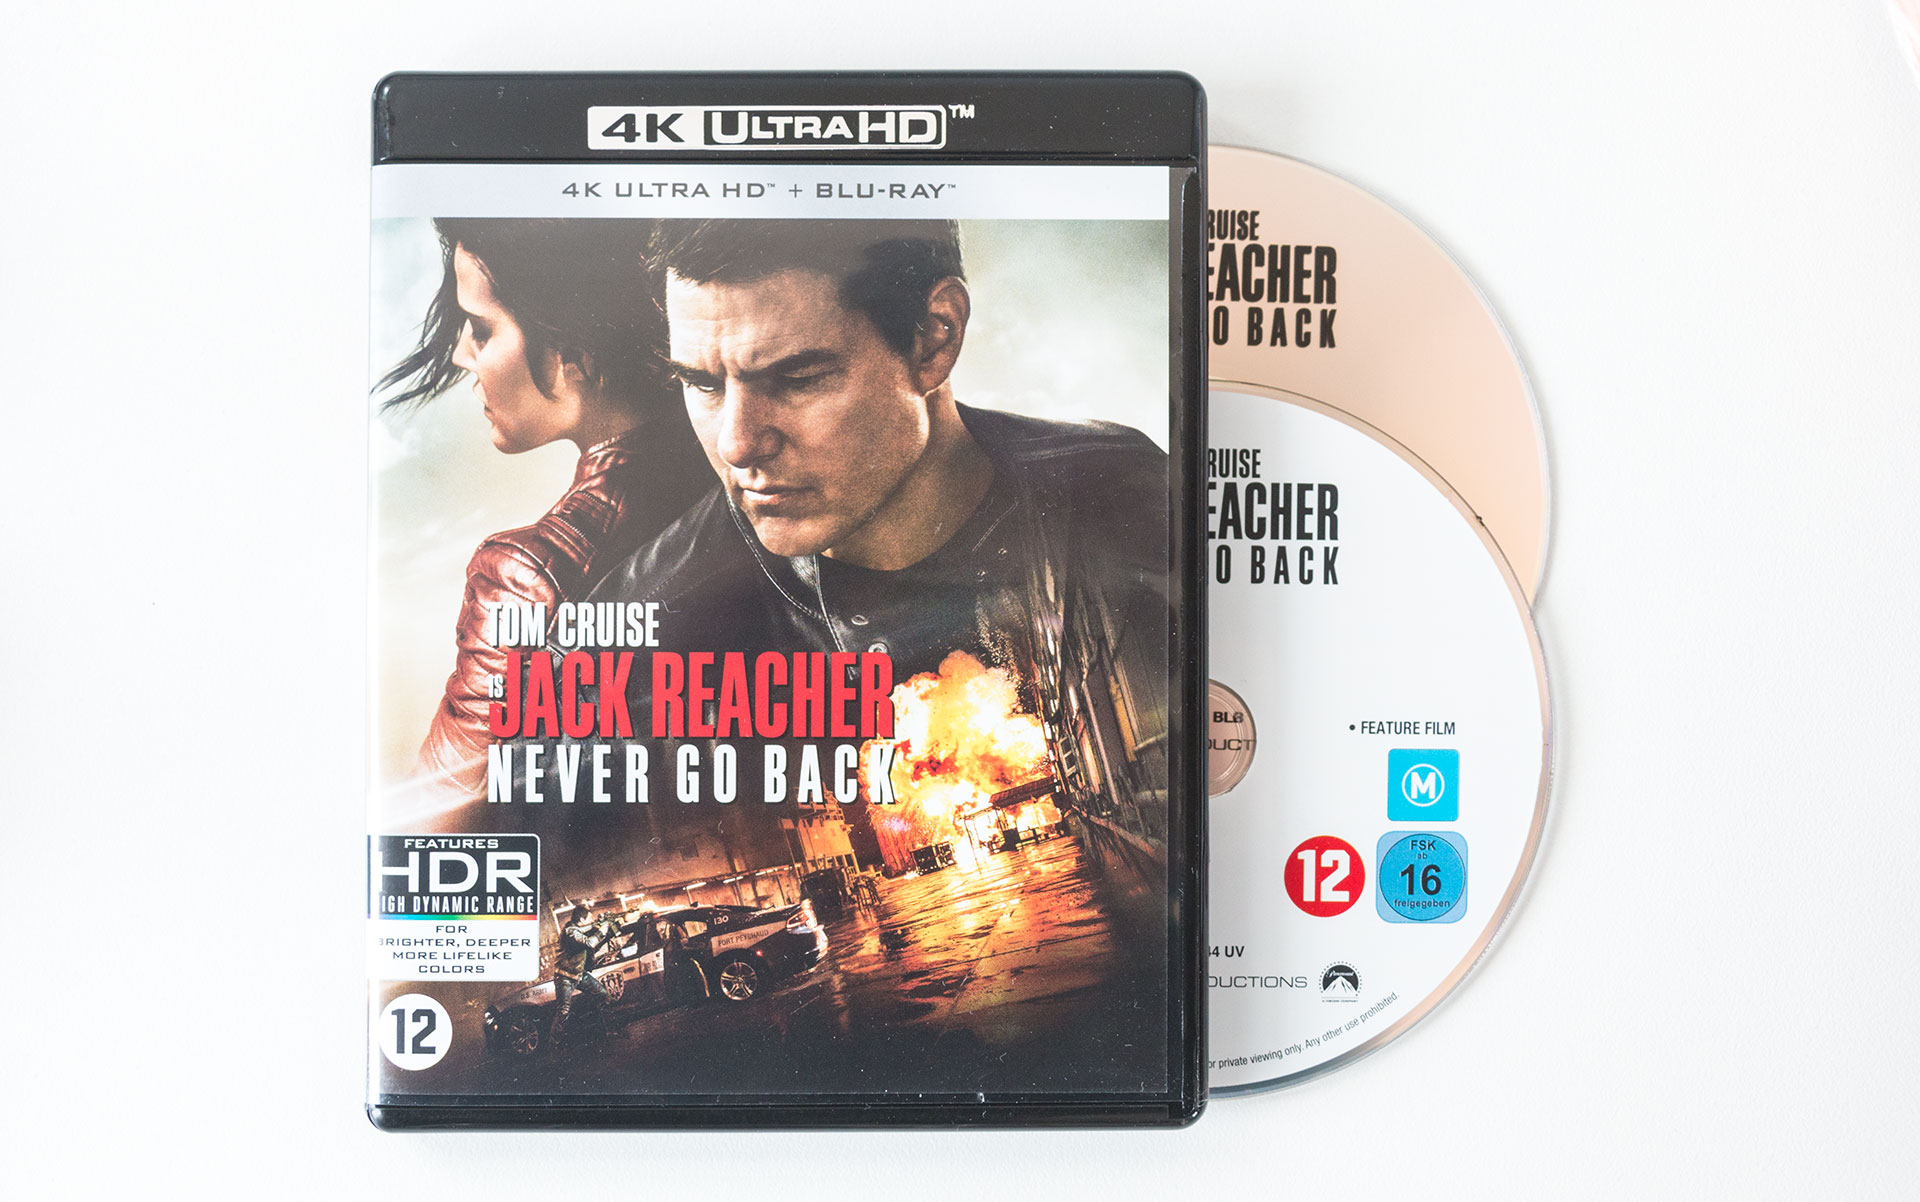 Jack Reacher Never Go Back Packshot